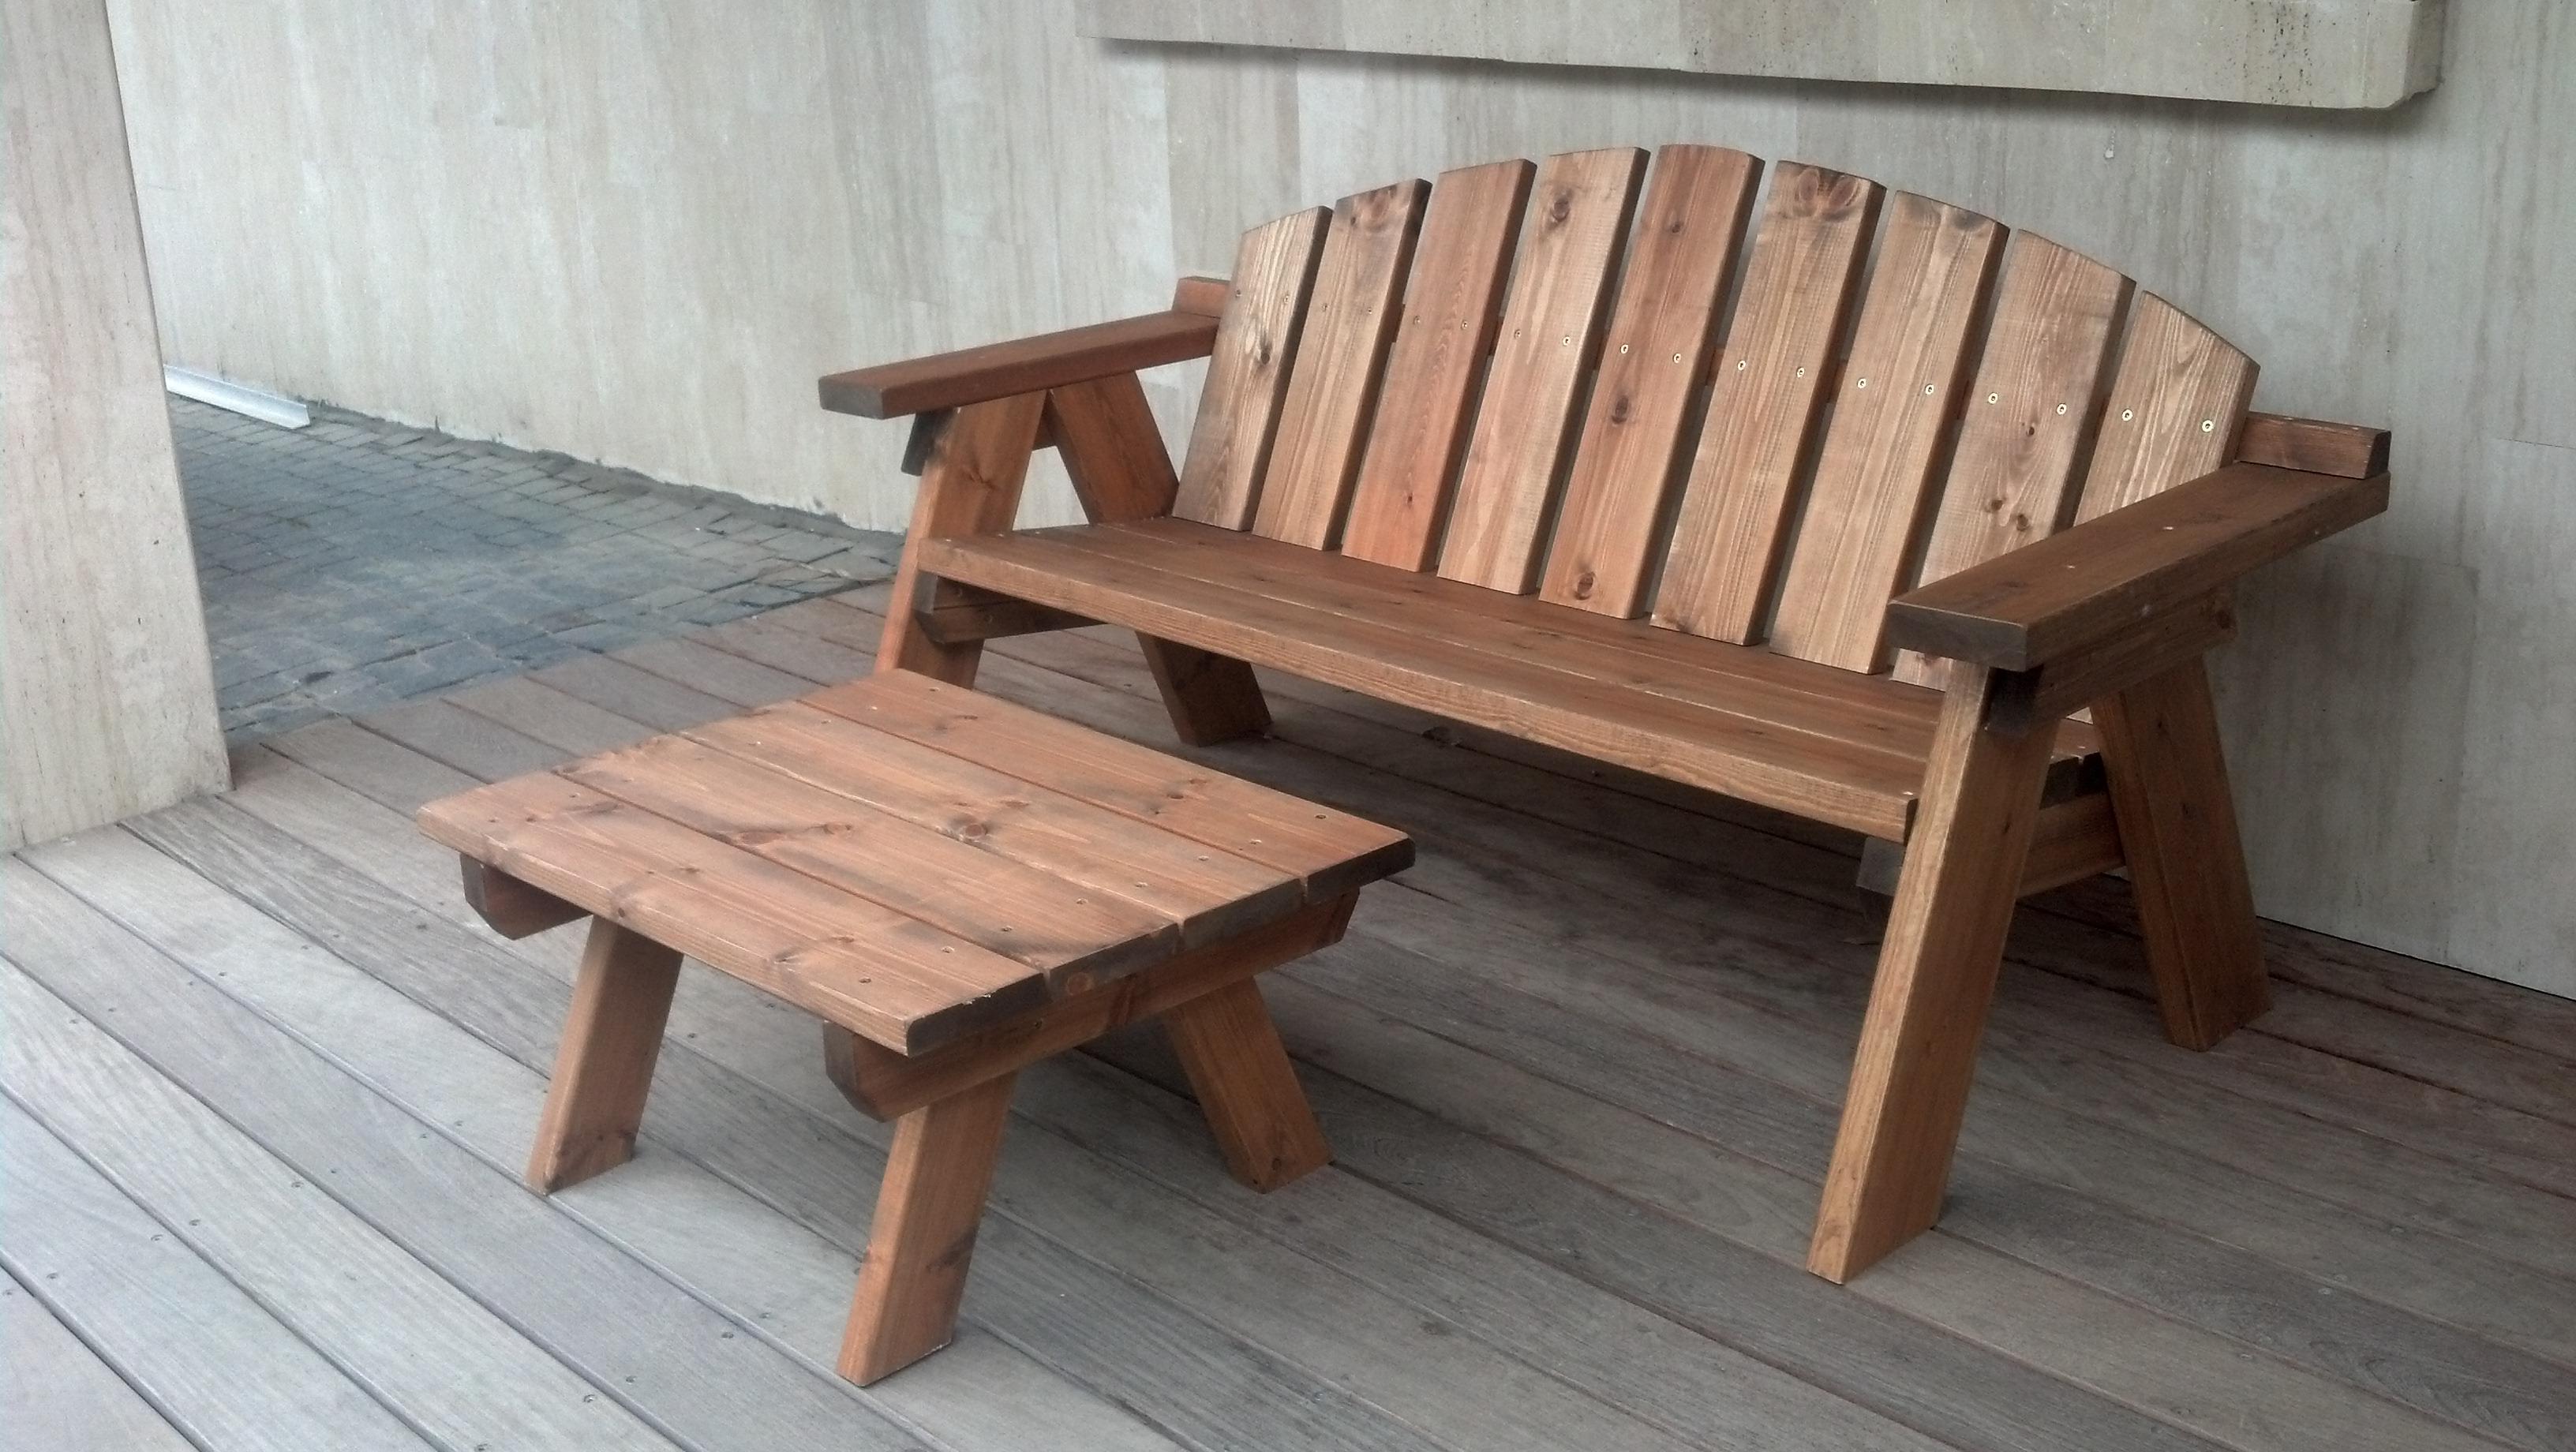 מערכות ישיבה מעץ